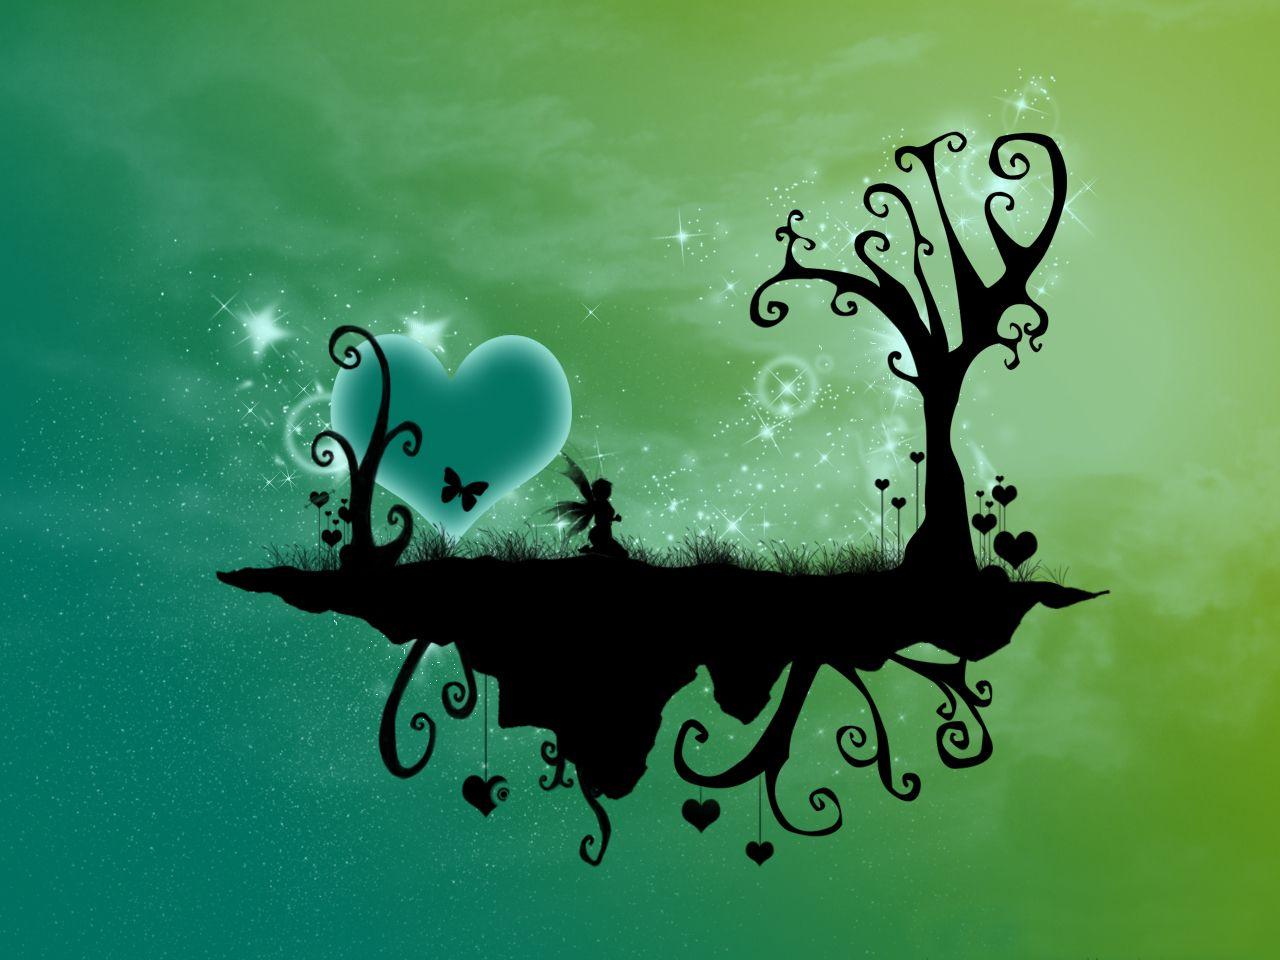 Facebook cover Fairy wallpaper, Facebook cover, Cover pics